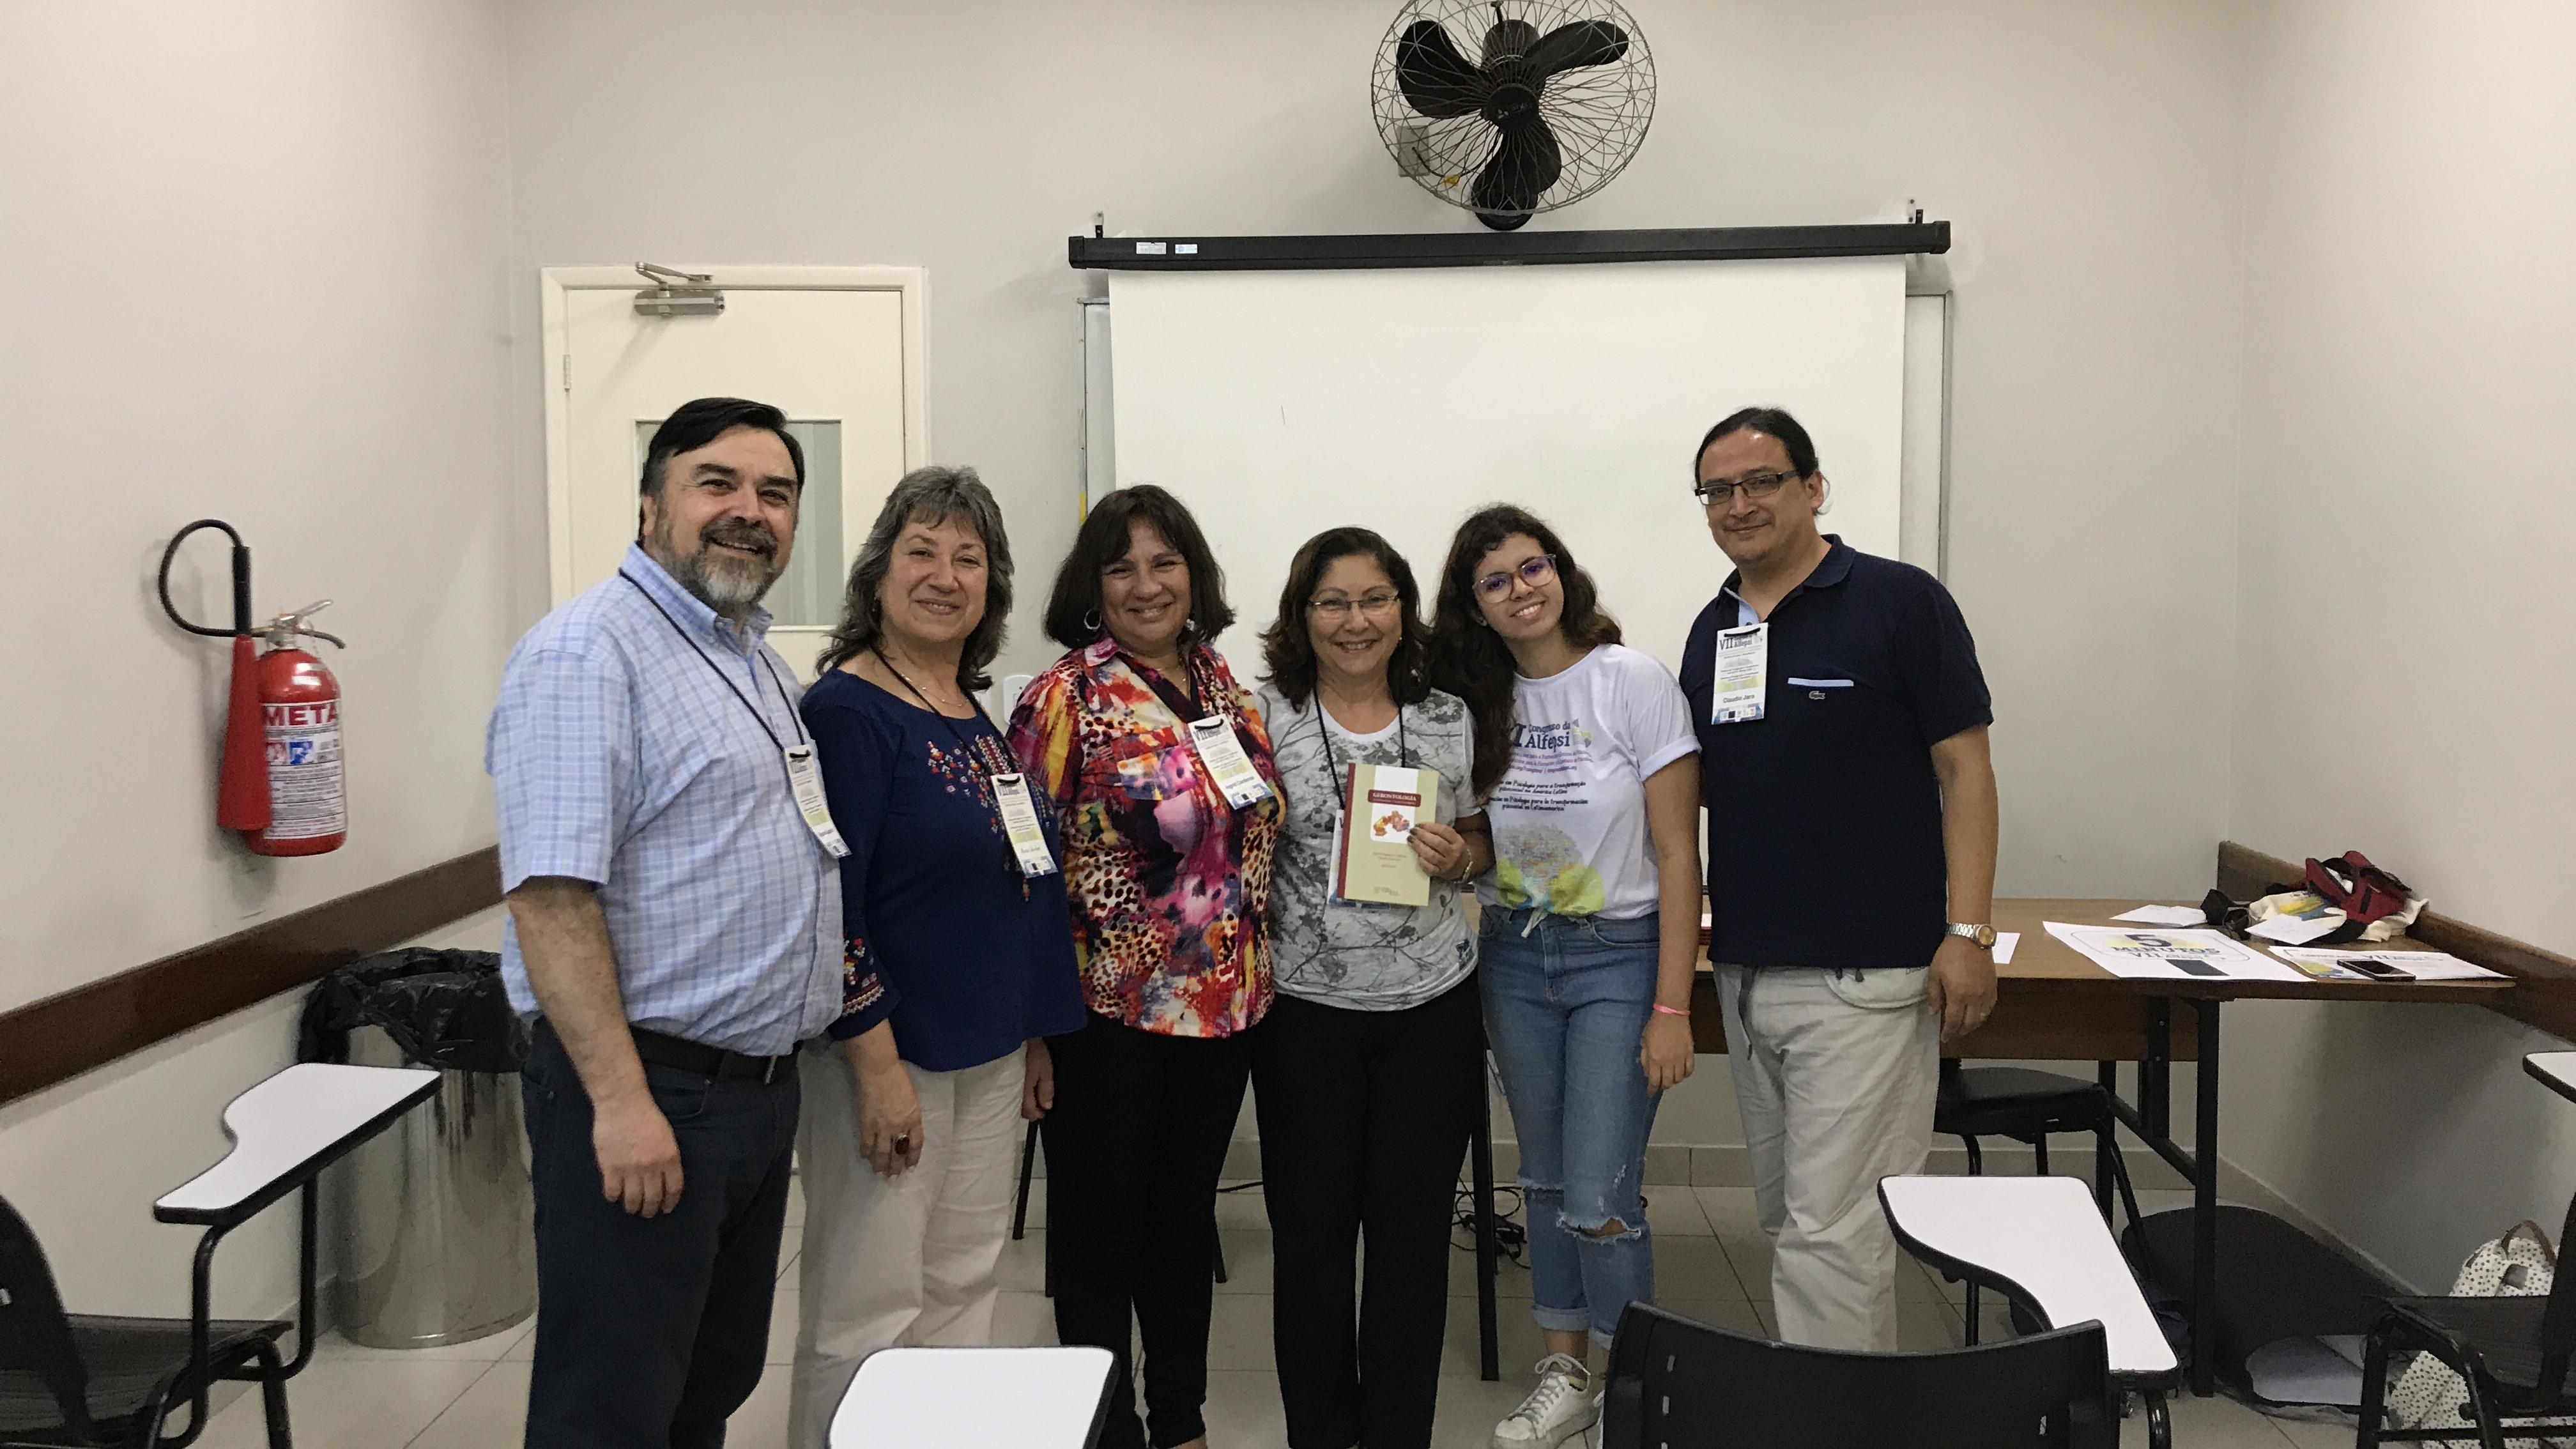 Académicos de Psicología y Trabajo Social exponen sobre adultos mayores en Rio de Janeiro